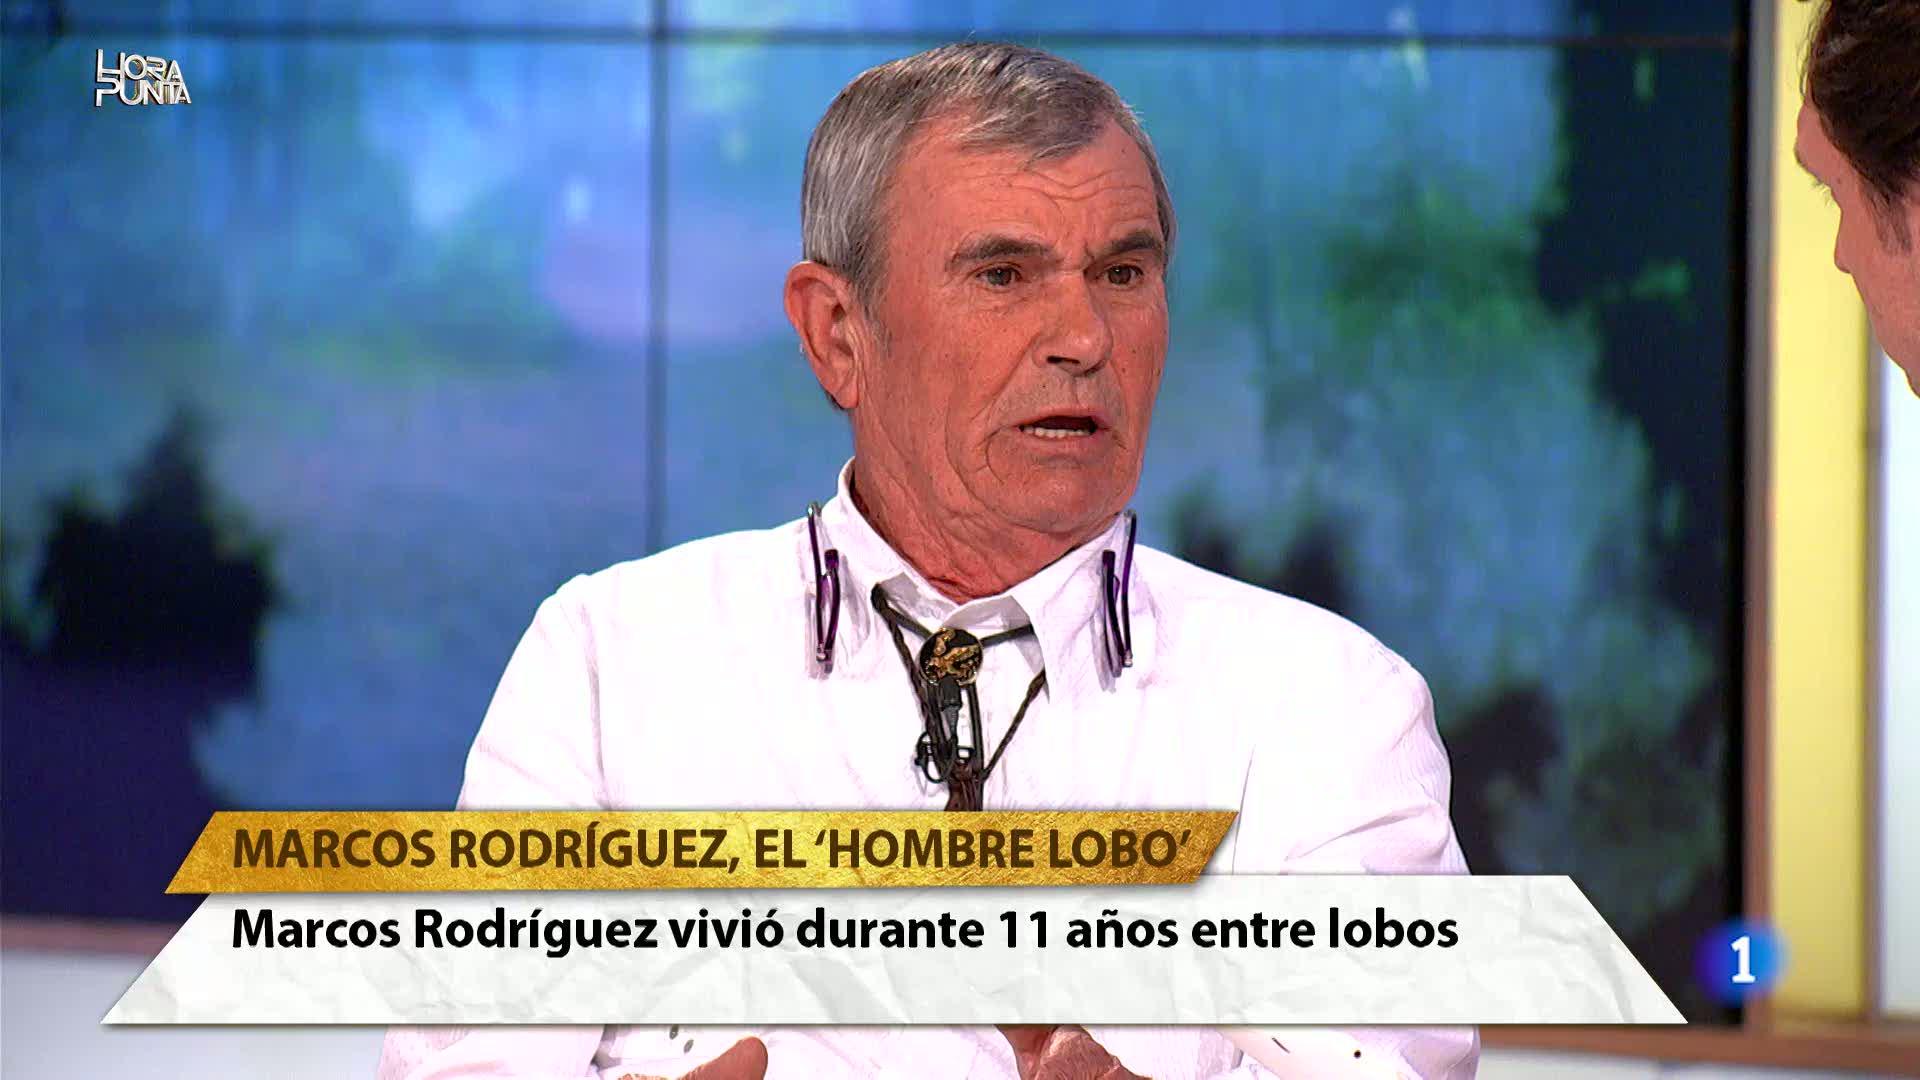 Hora Punta - Increíble la historia de Marcos Rodríguez, el `Hombre Lobo¿. Vivió durante 11 años entre lobos